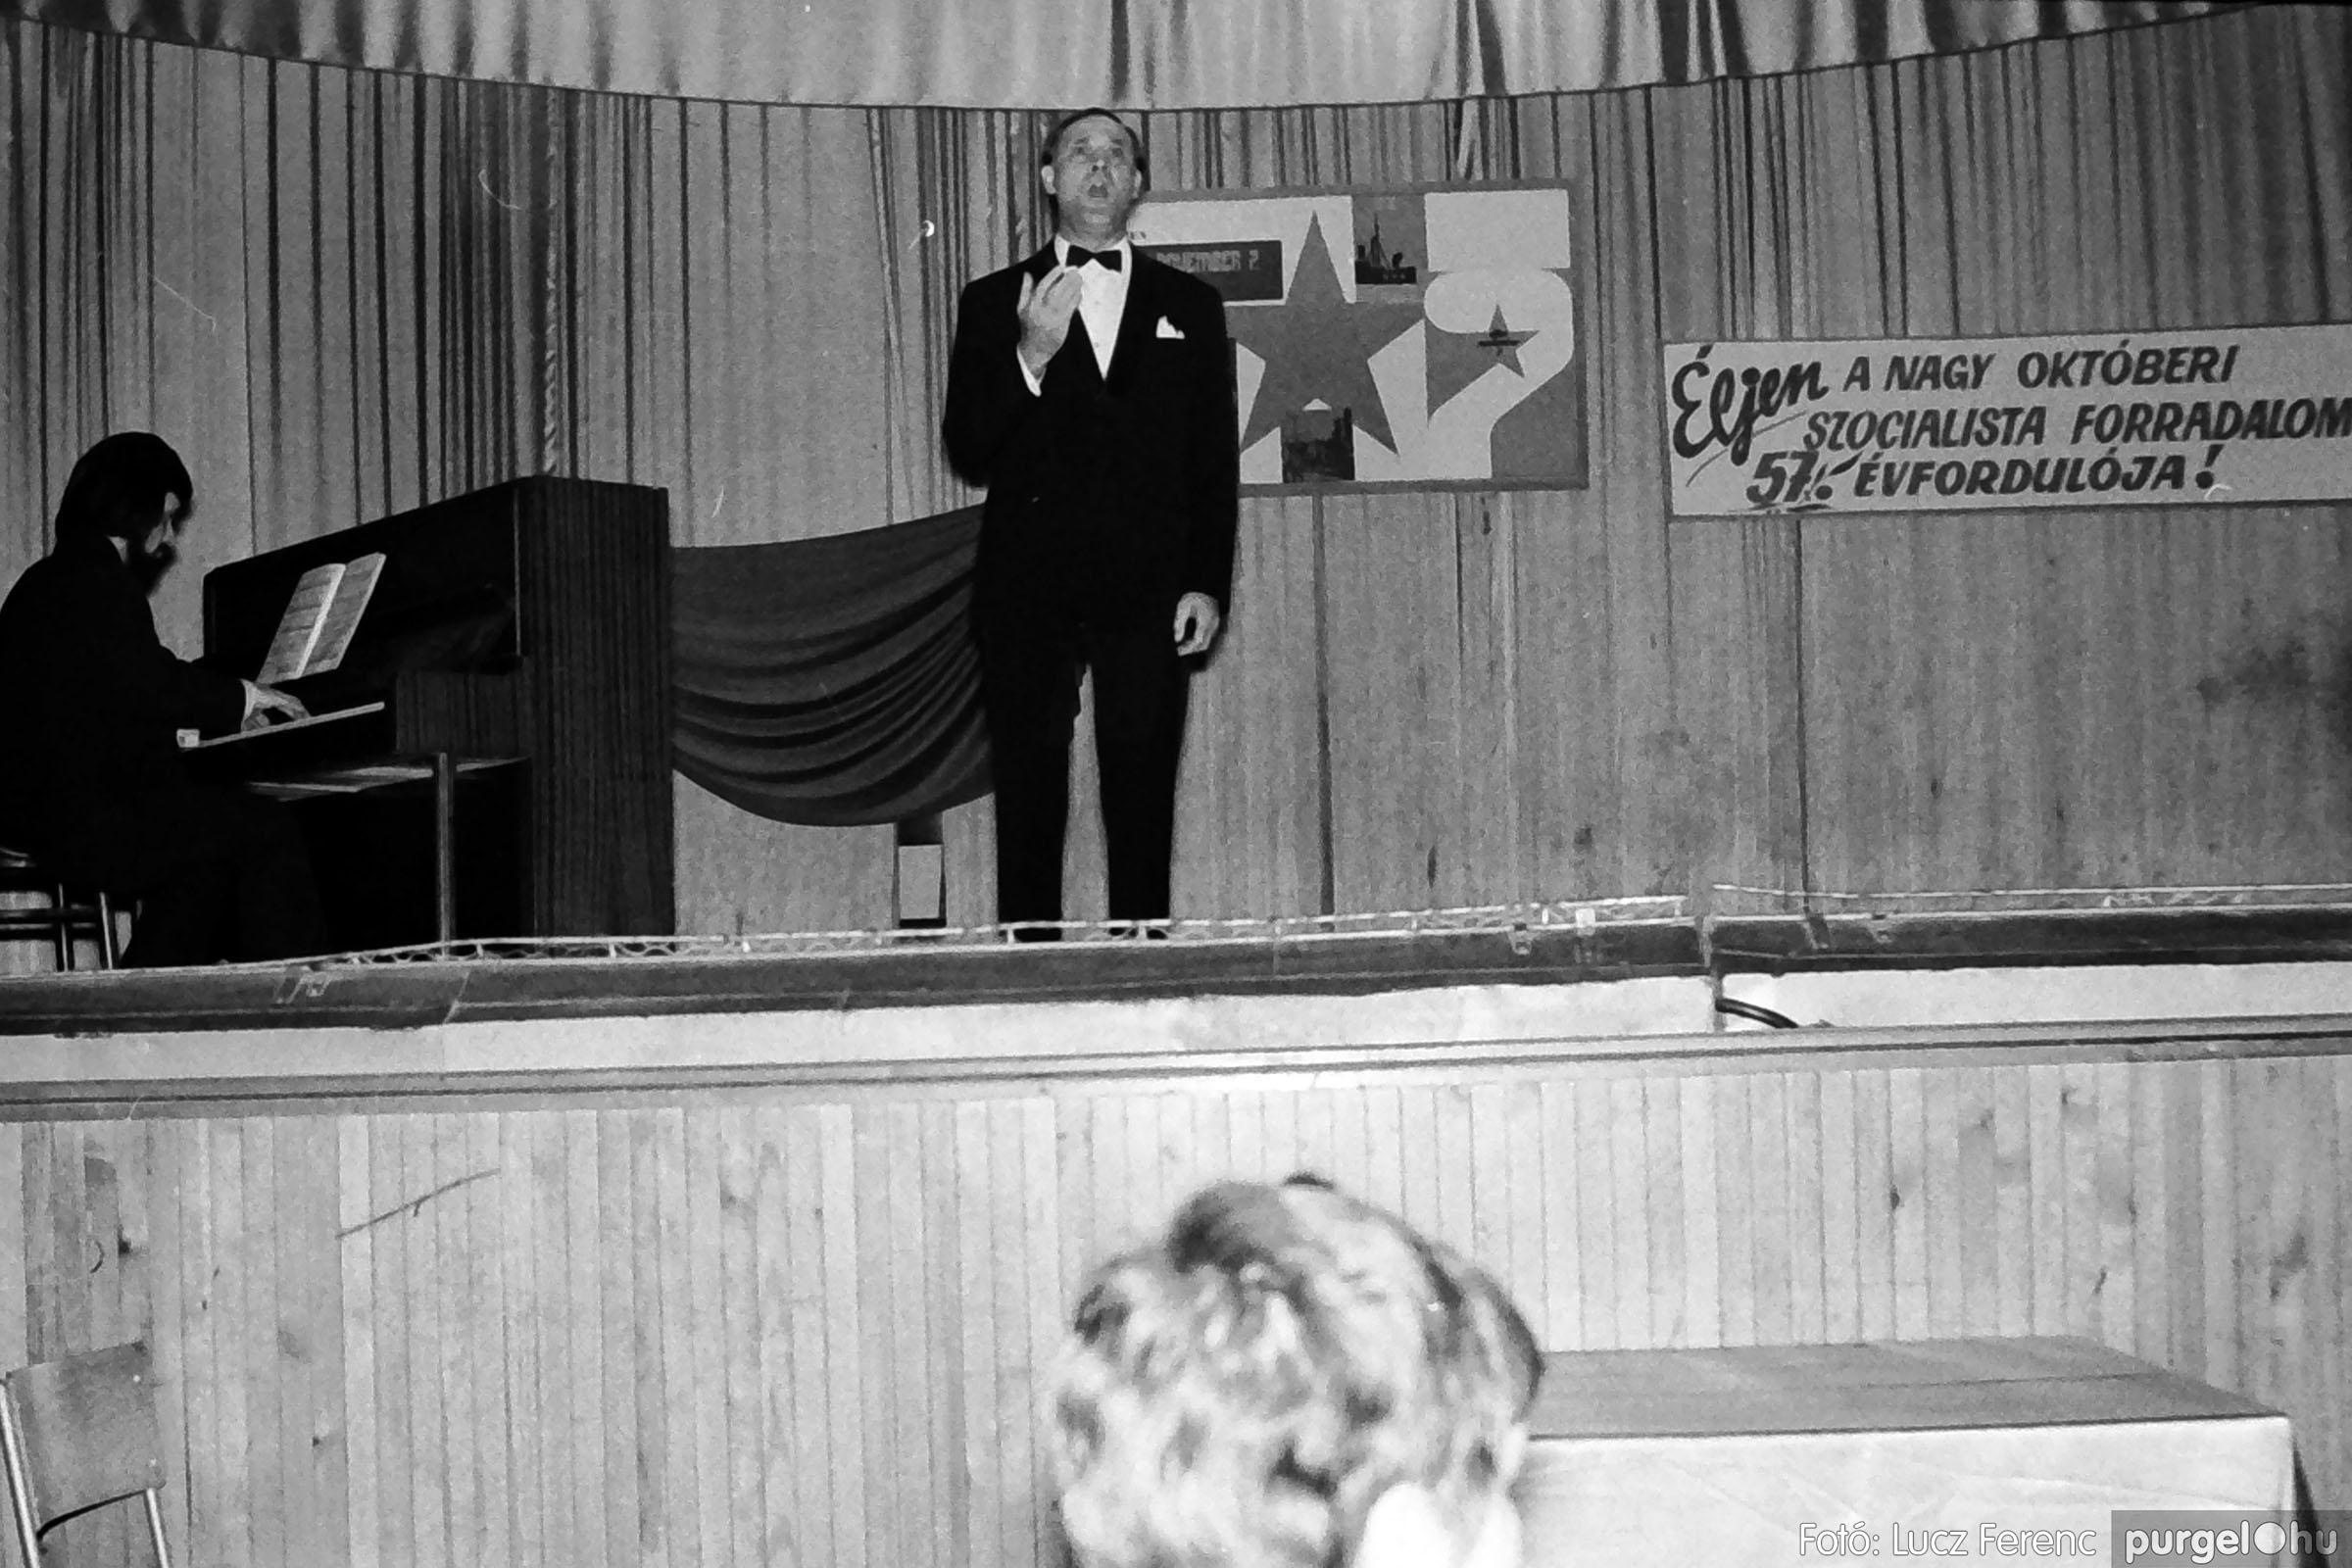 004C 1970-es évek - Zenés est 002 - Fotó: Lucz Ferenc IMG00073q.jpg